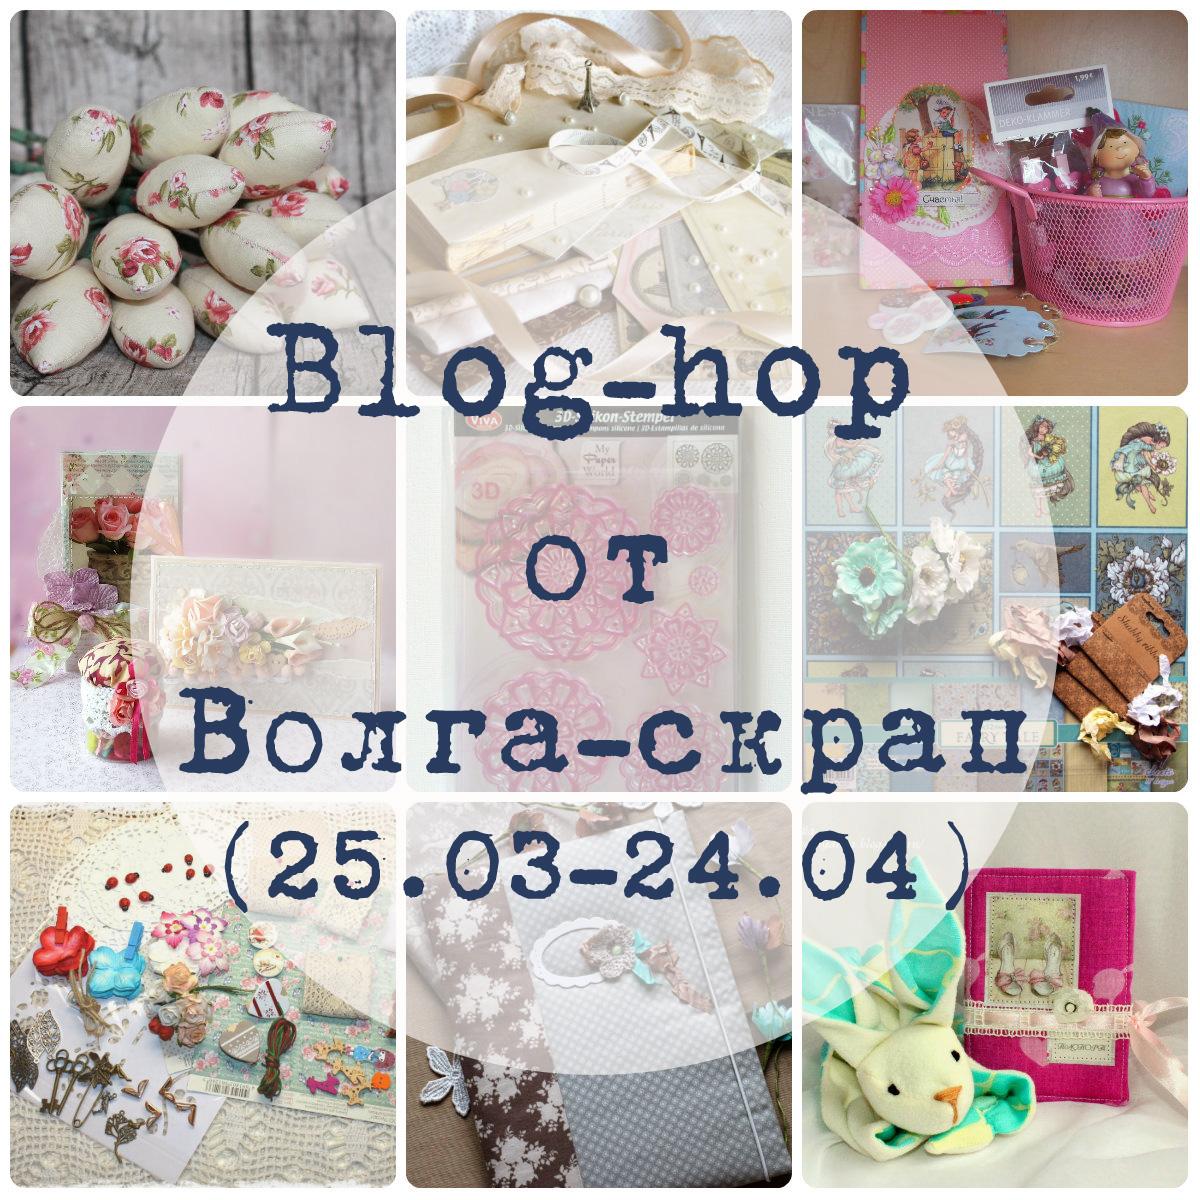 Blog-Hop №3 от Волга-скрап до 24 апреля